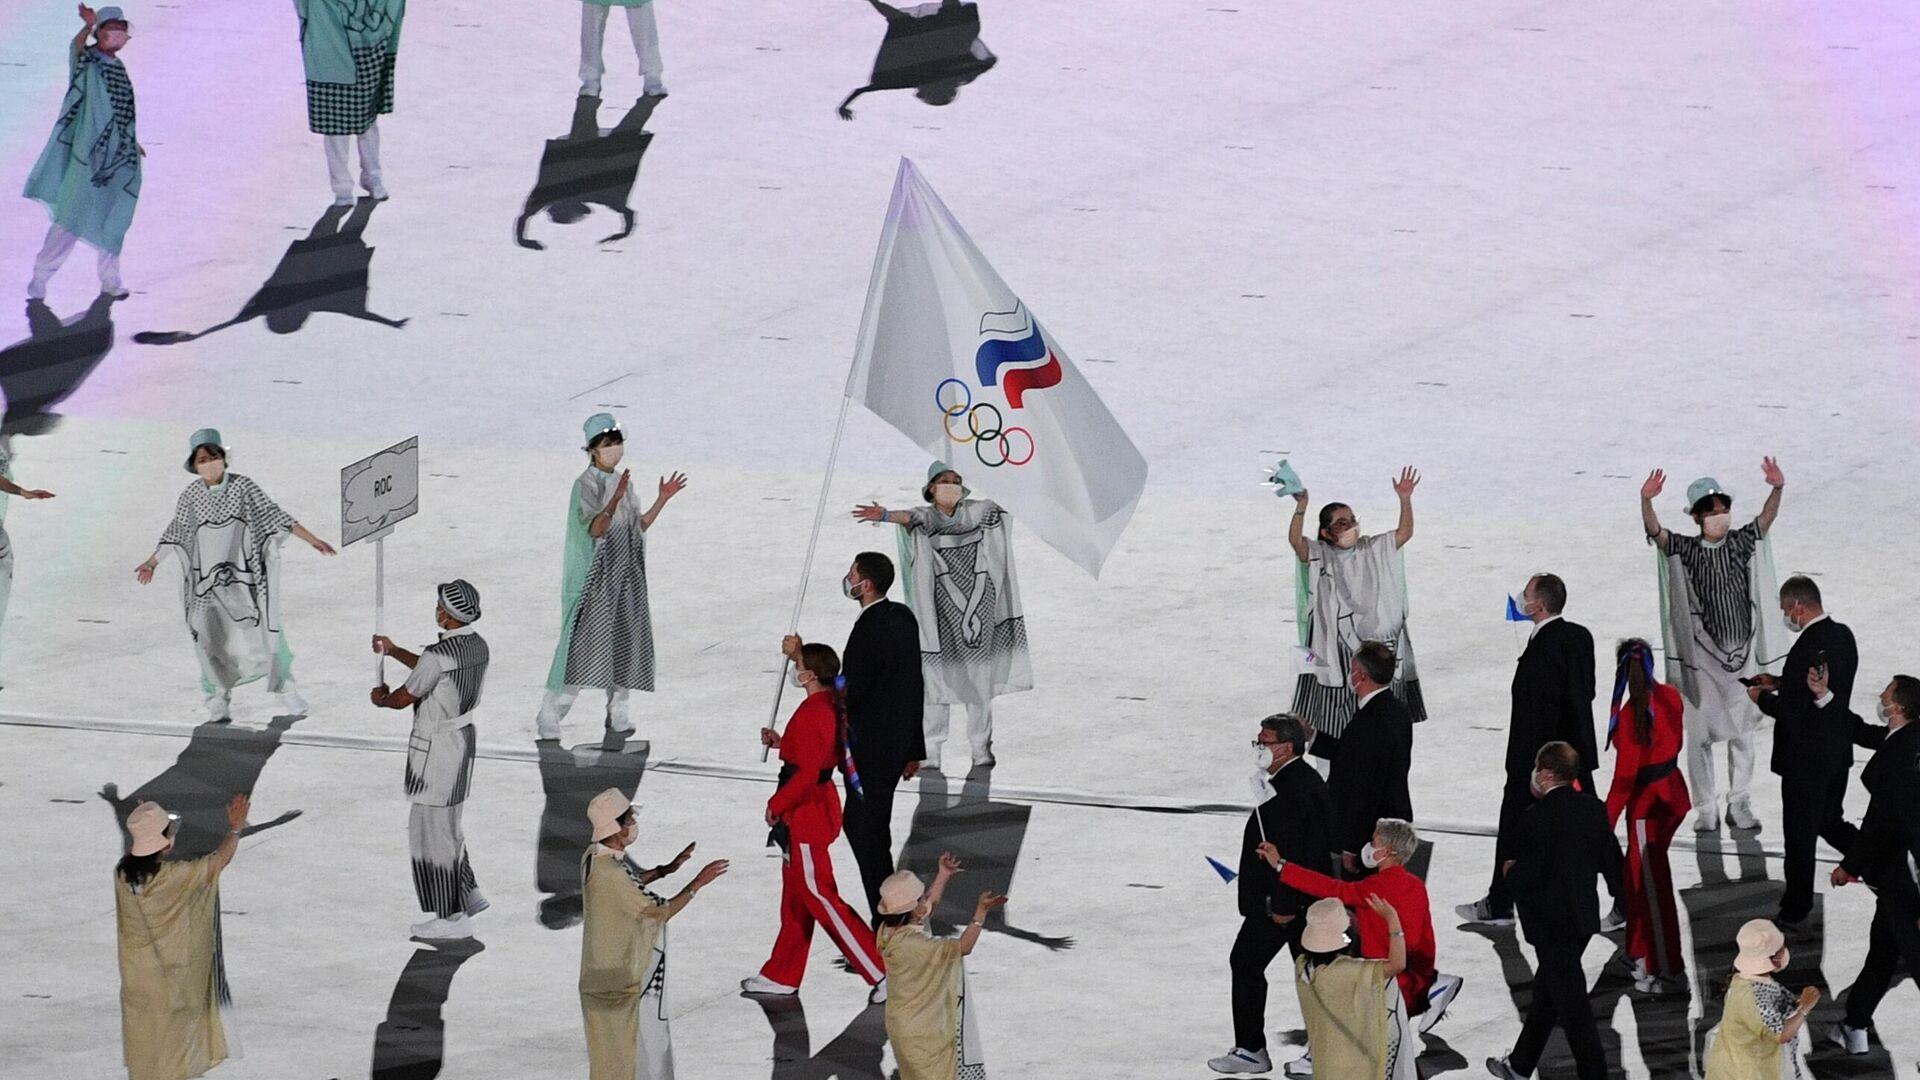 Знаменосцы команды Олимпийского комитета России параде атлетов на церемонии открытия XXXII летних Олимпийских игр в Токио - РИА Новости, 1920, 01.08.2021